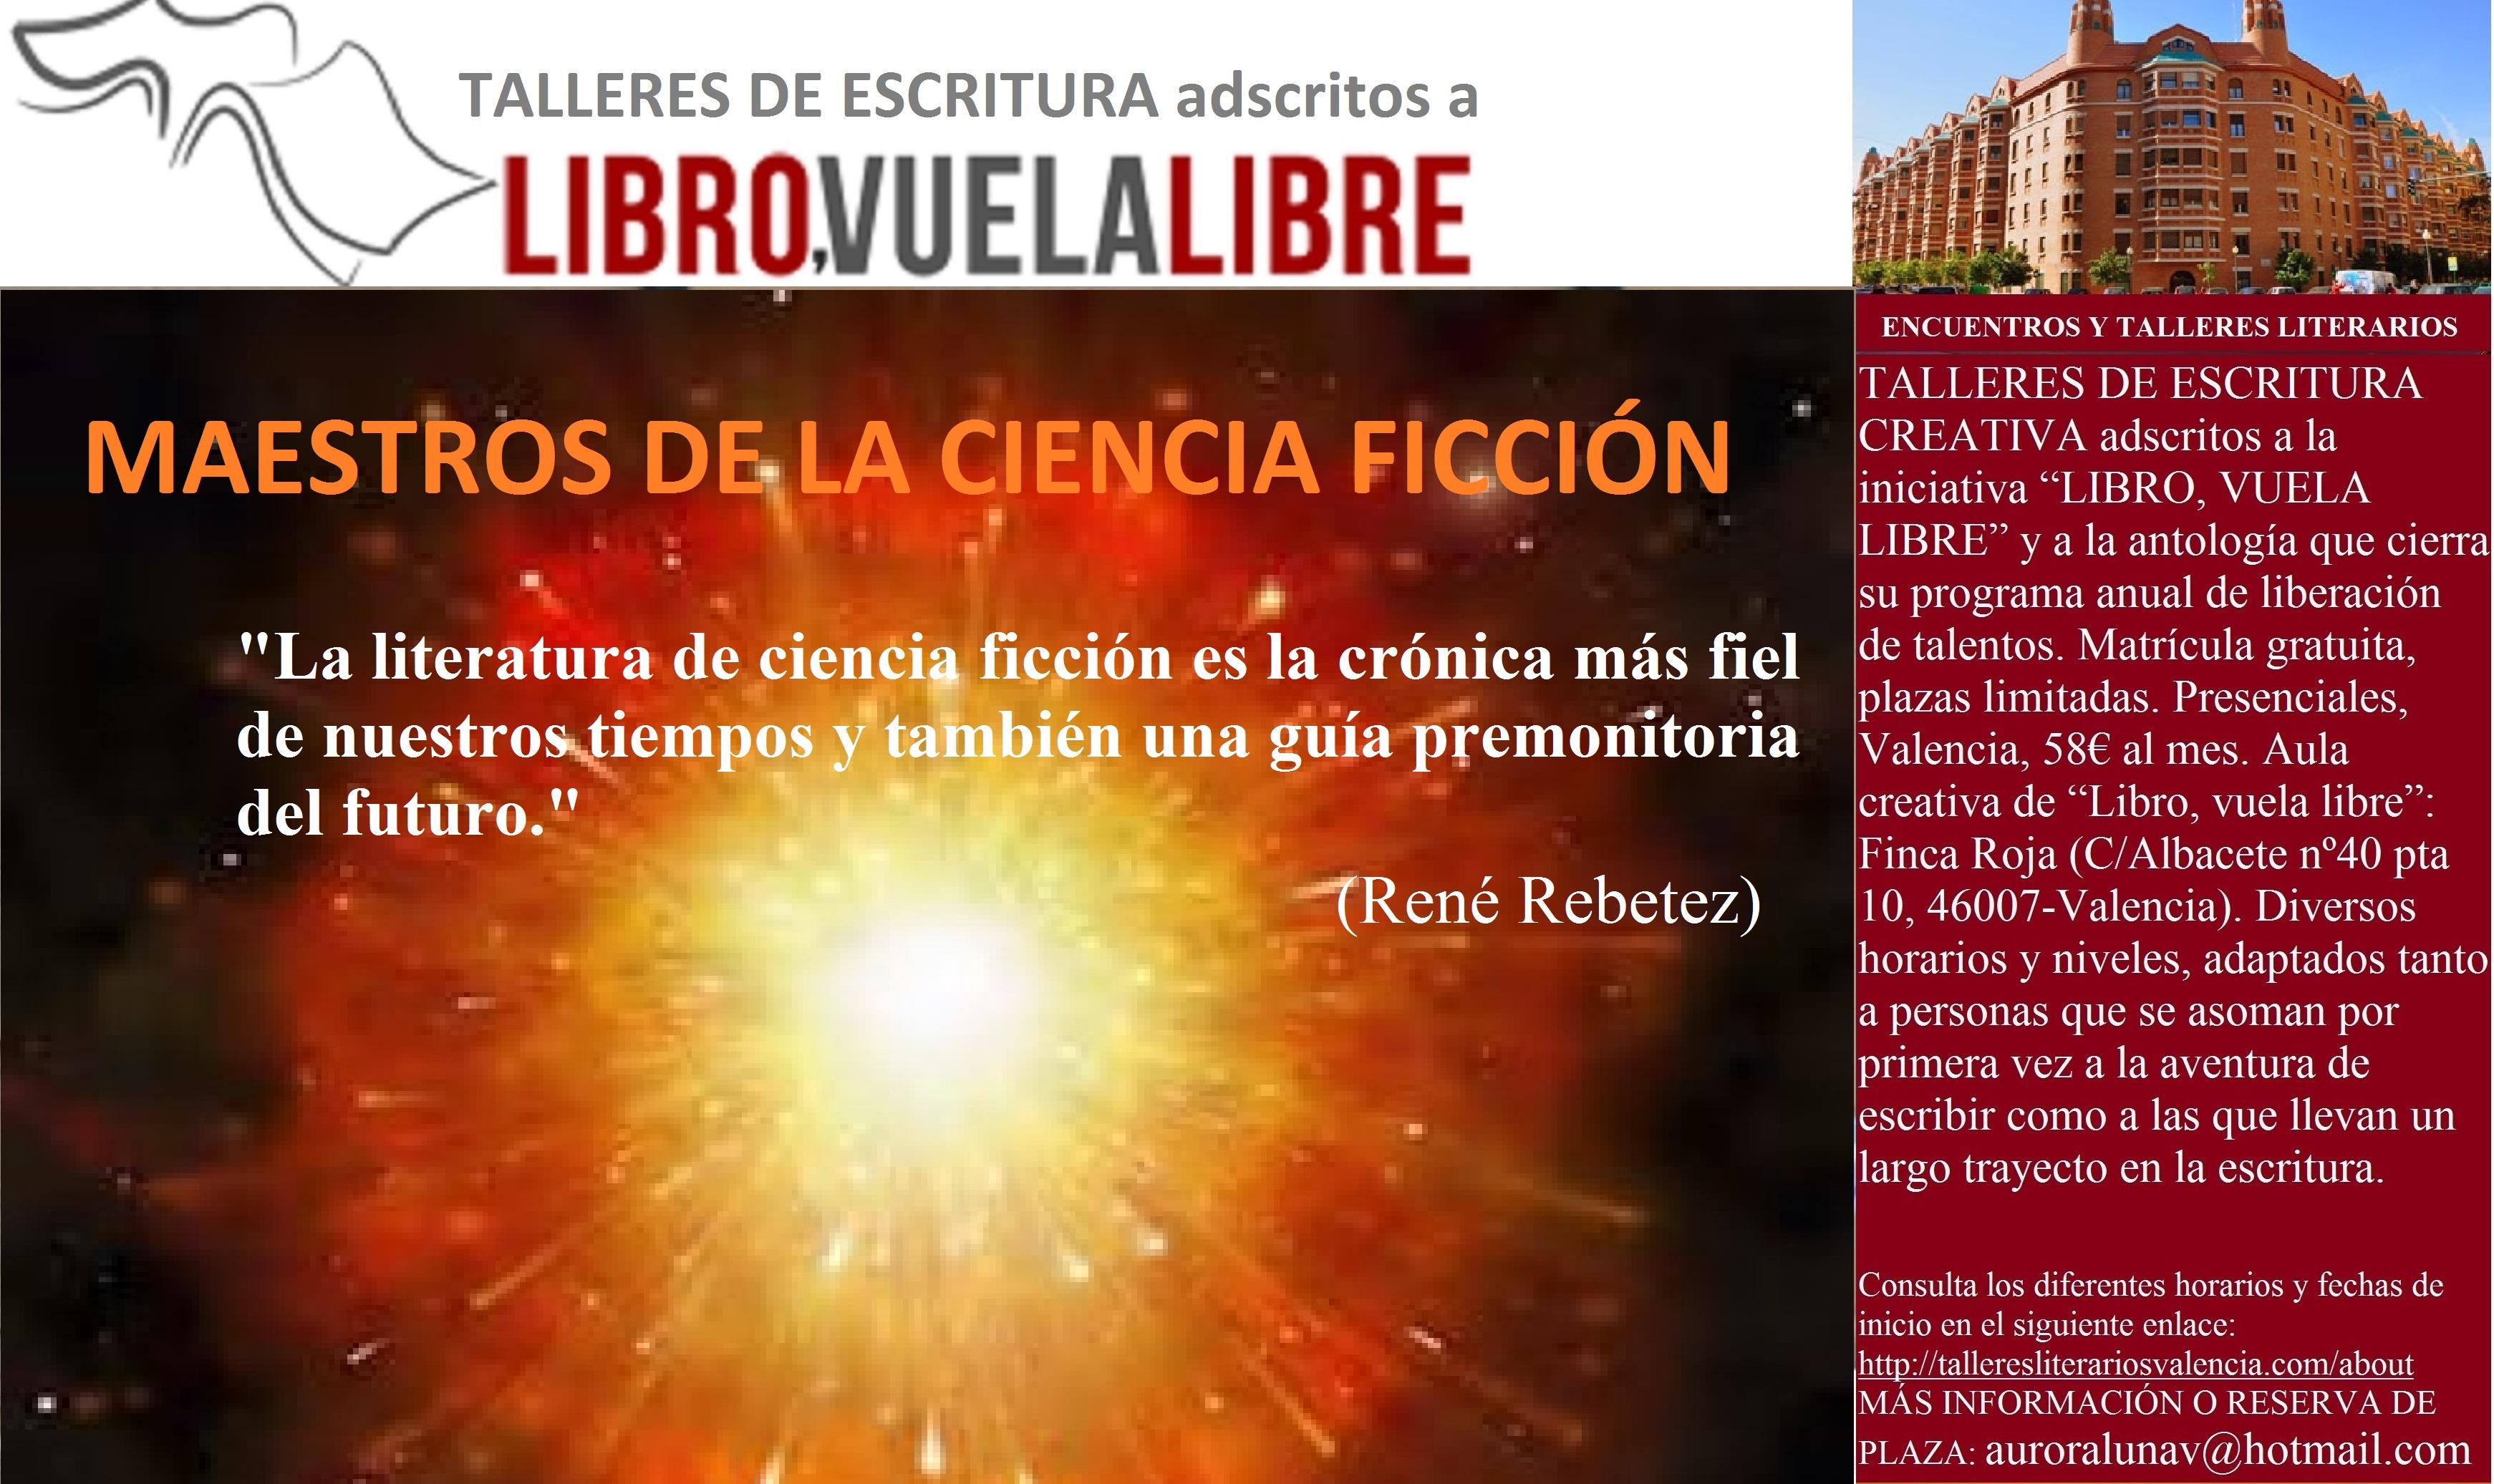 MAESTROS DE LA CIENCIA FICCIÓN. Cursos de escritura en Valencia. Clave F-26